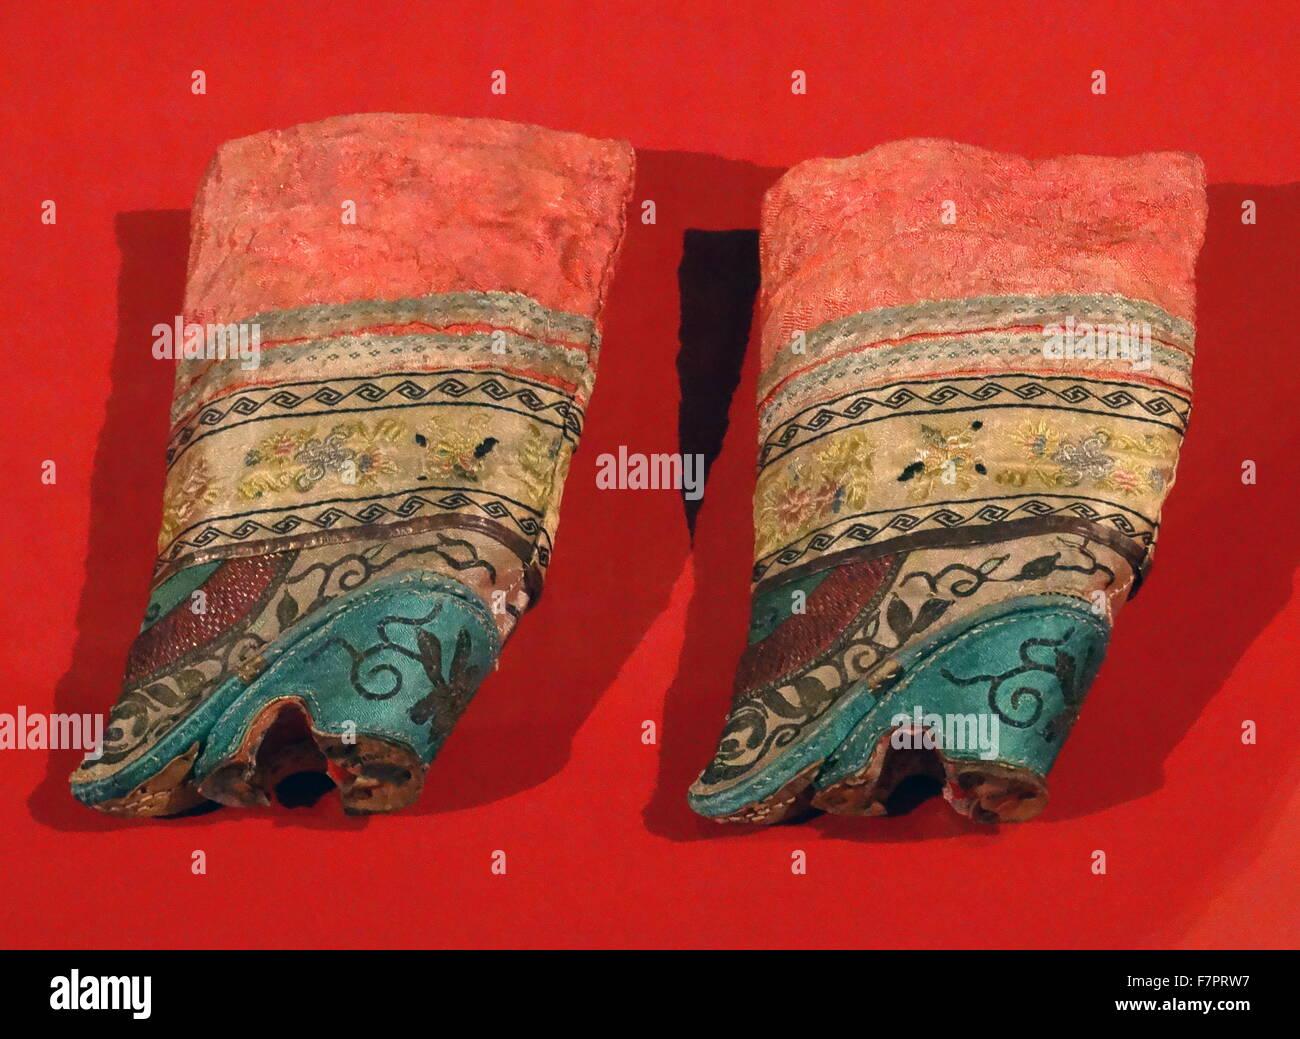 schuhe f r frauen deren f e gebunden wurden chinesisch. Black Bedroom Furniture Sets. Home Design Ideas